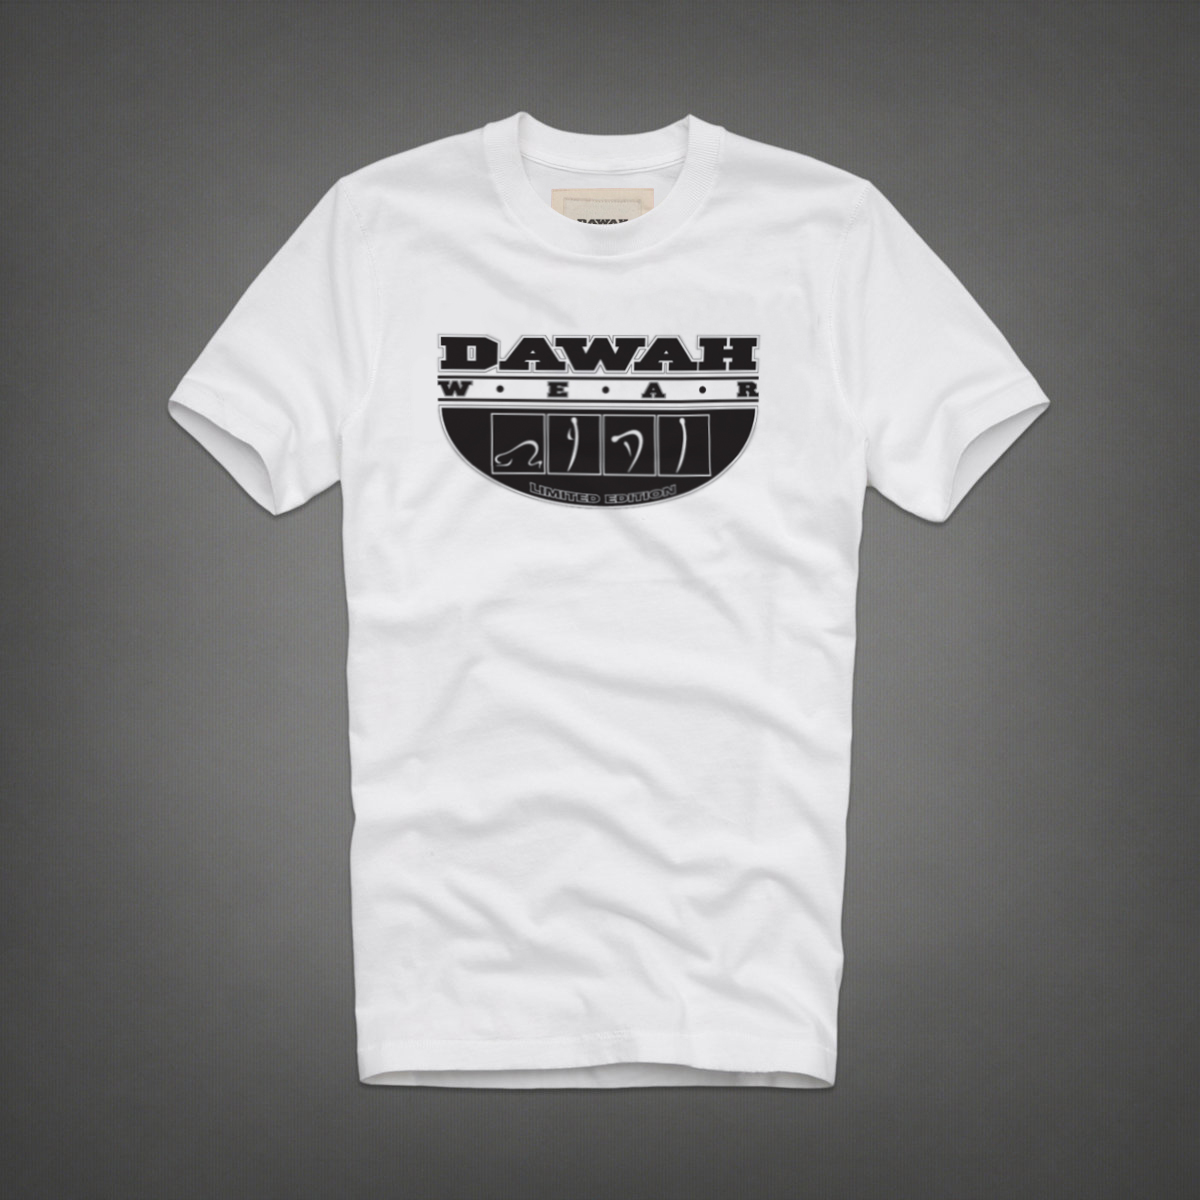 tshirt_3_dawahwear.jpg